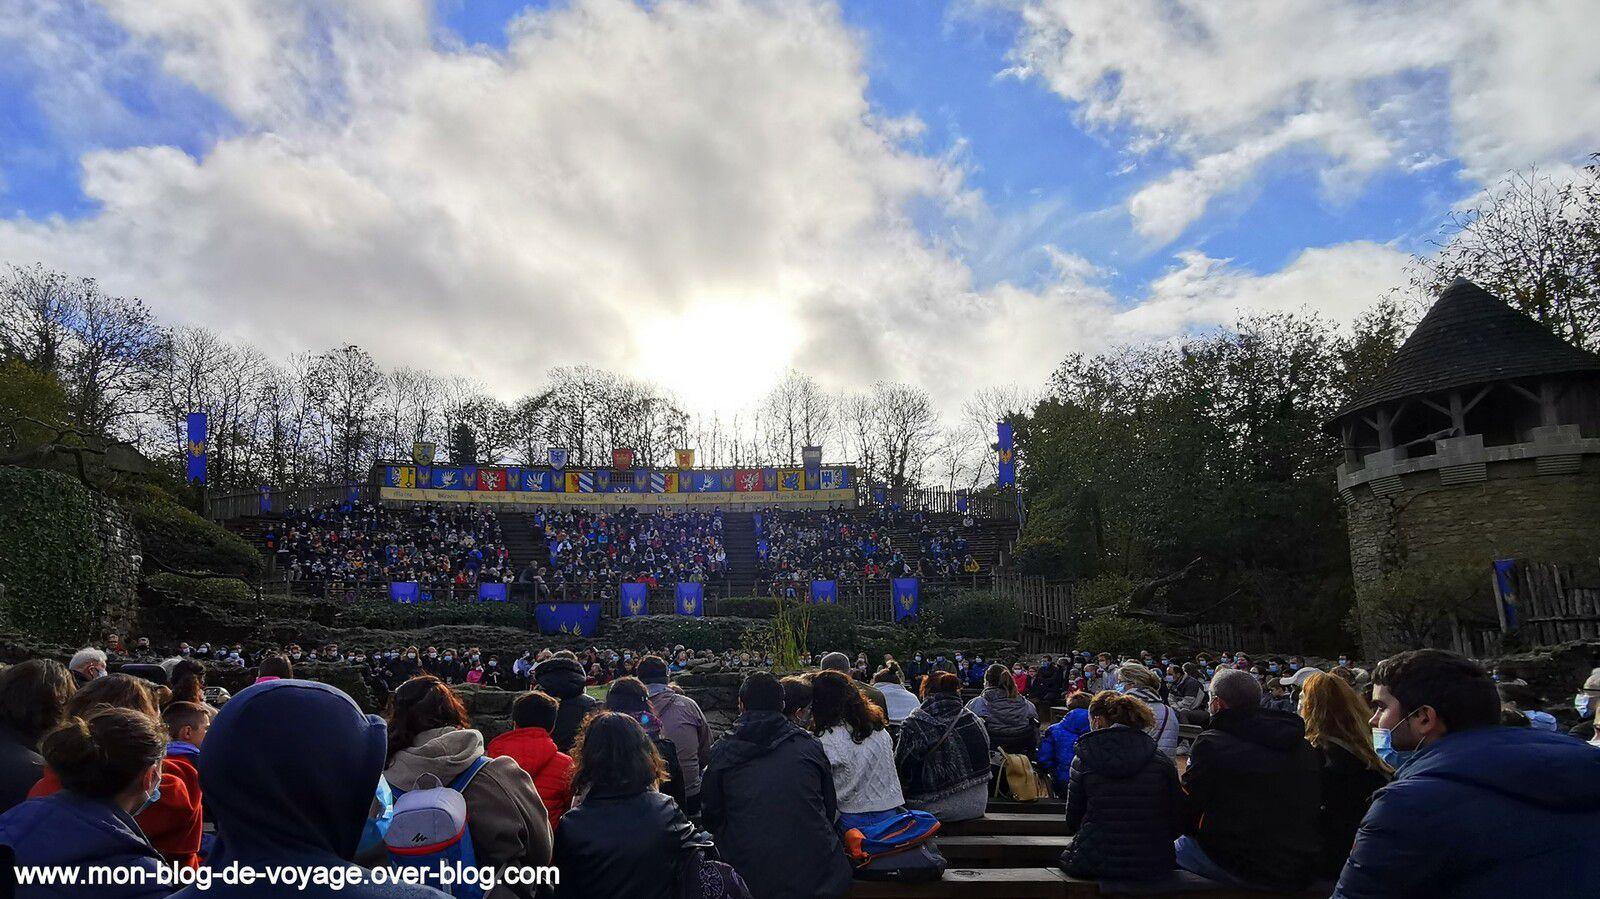 Les six grands spectacles proposés par le parc (octobre 2020, images personnelles)